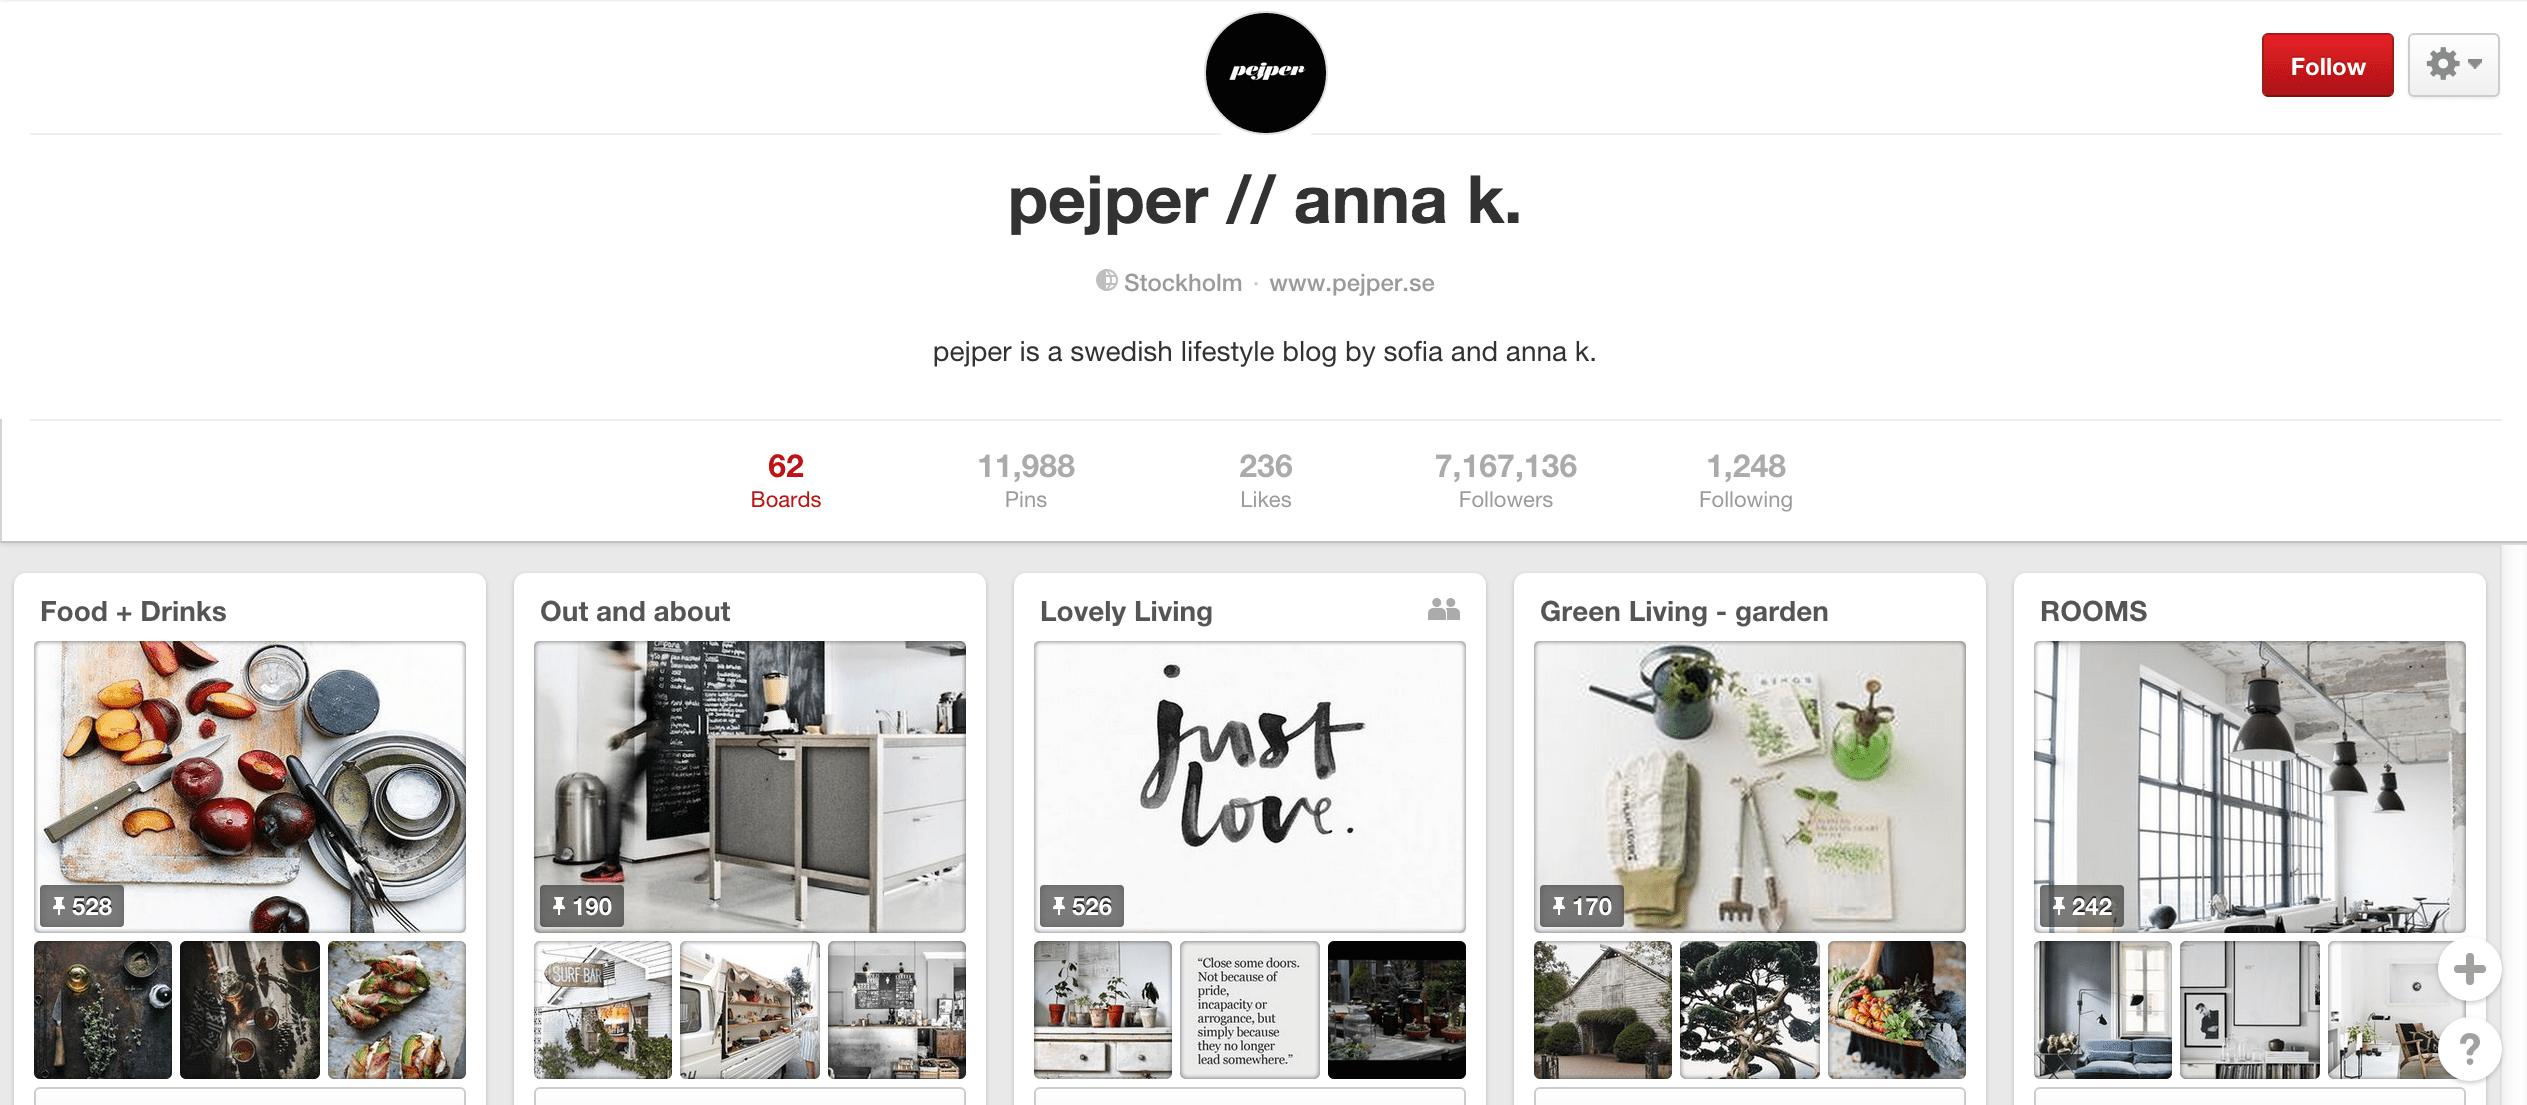 Pejper Pinterest board